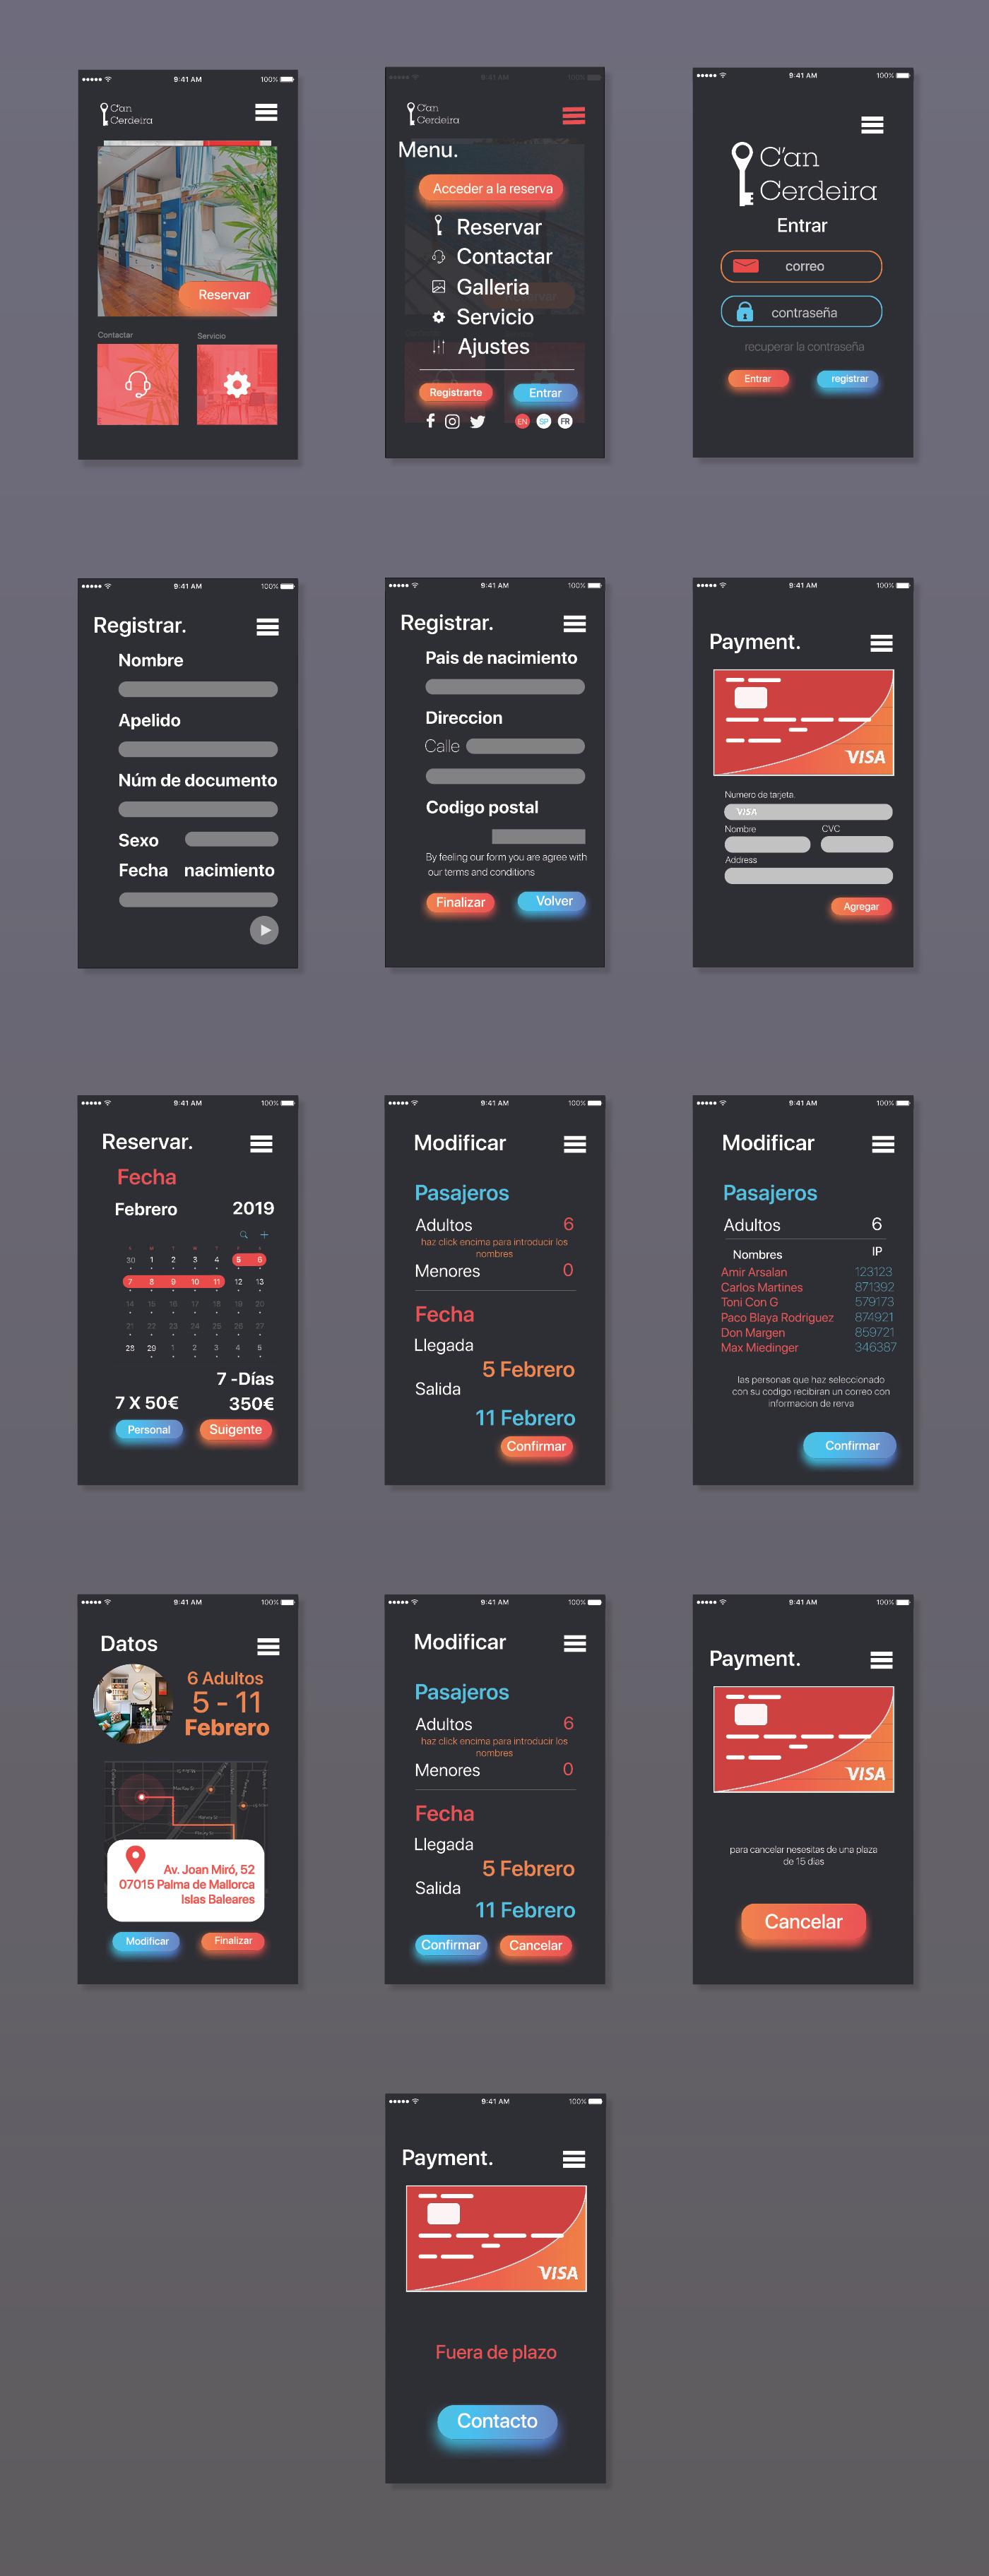 App de reservas by Amir Arsalan - Creative Work - $i